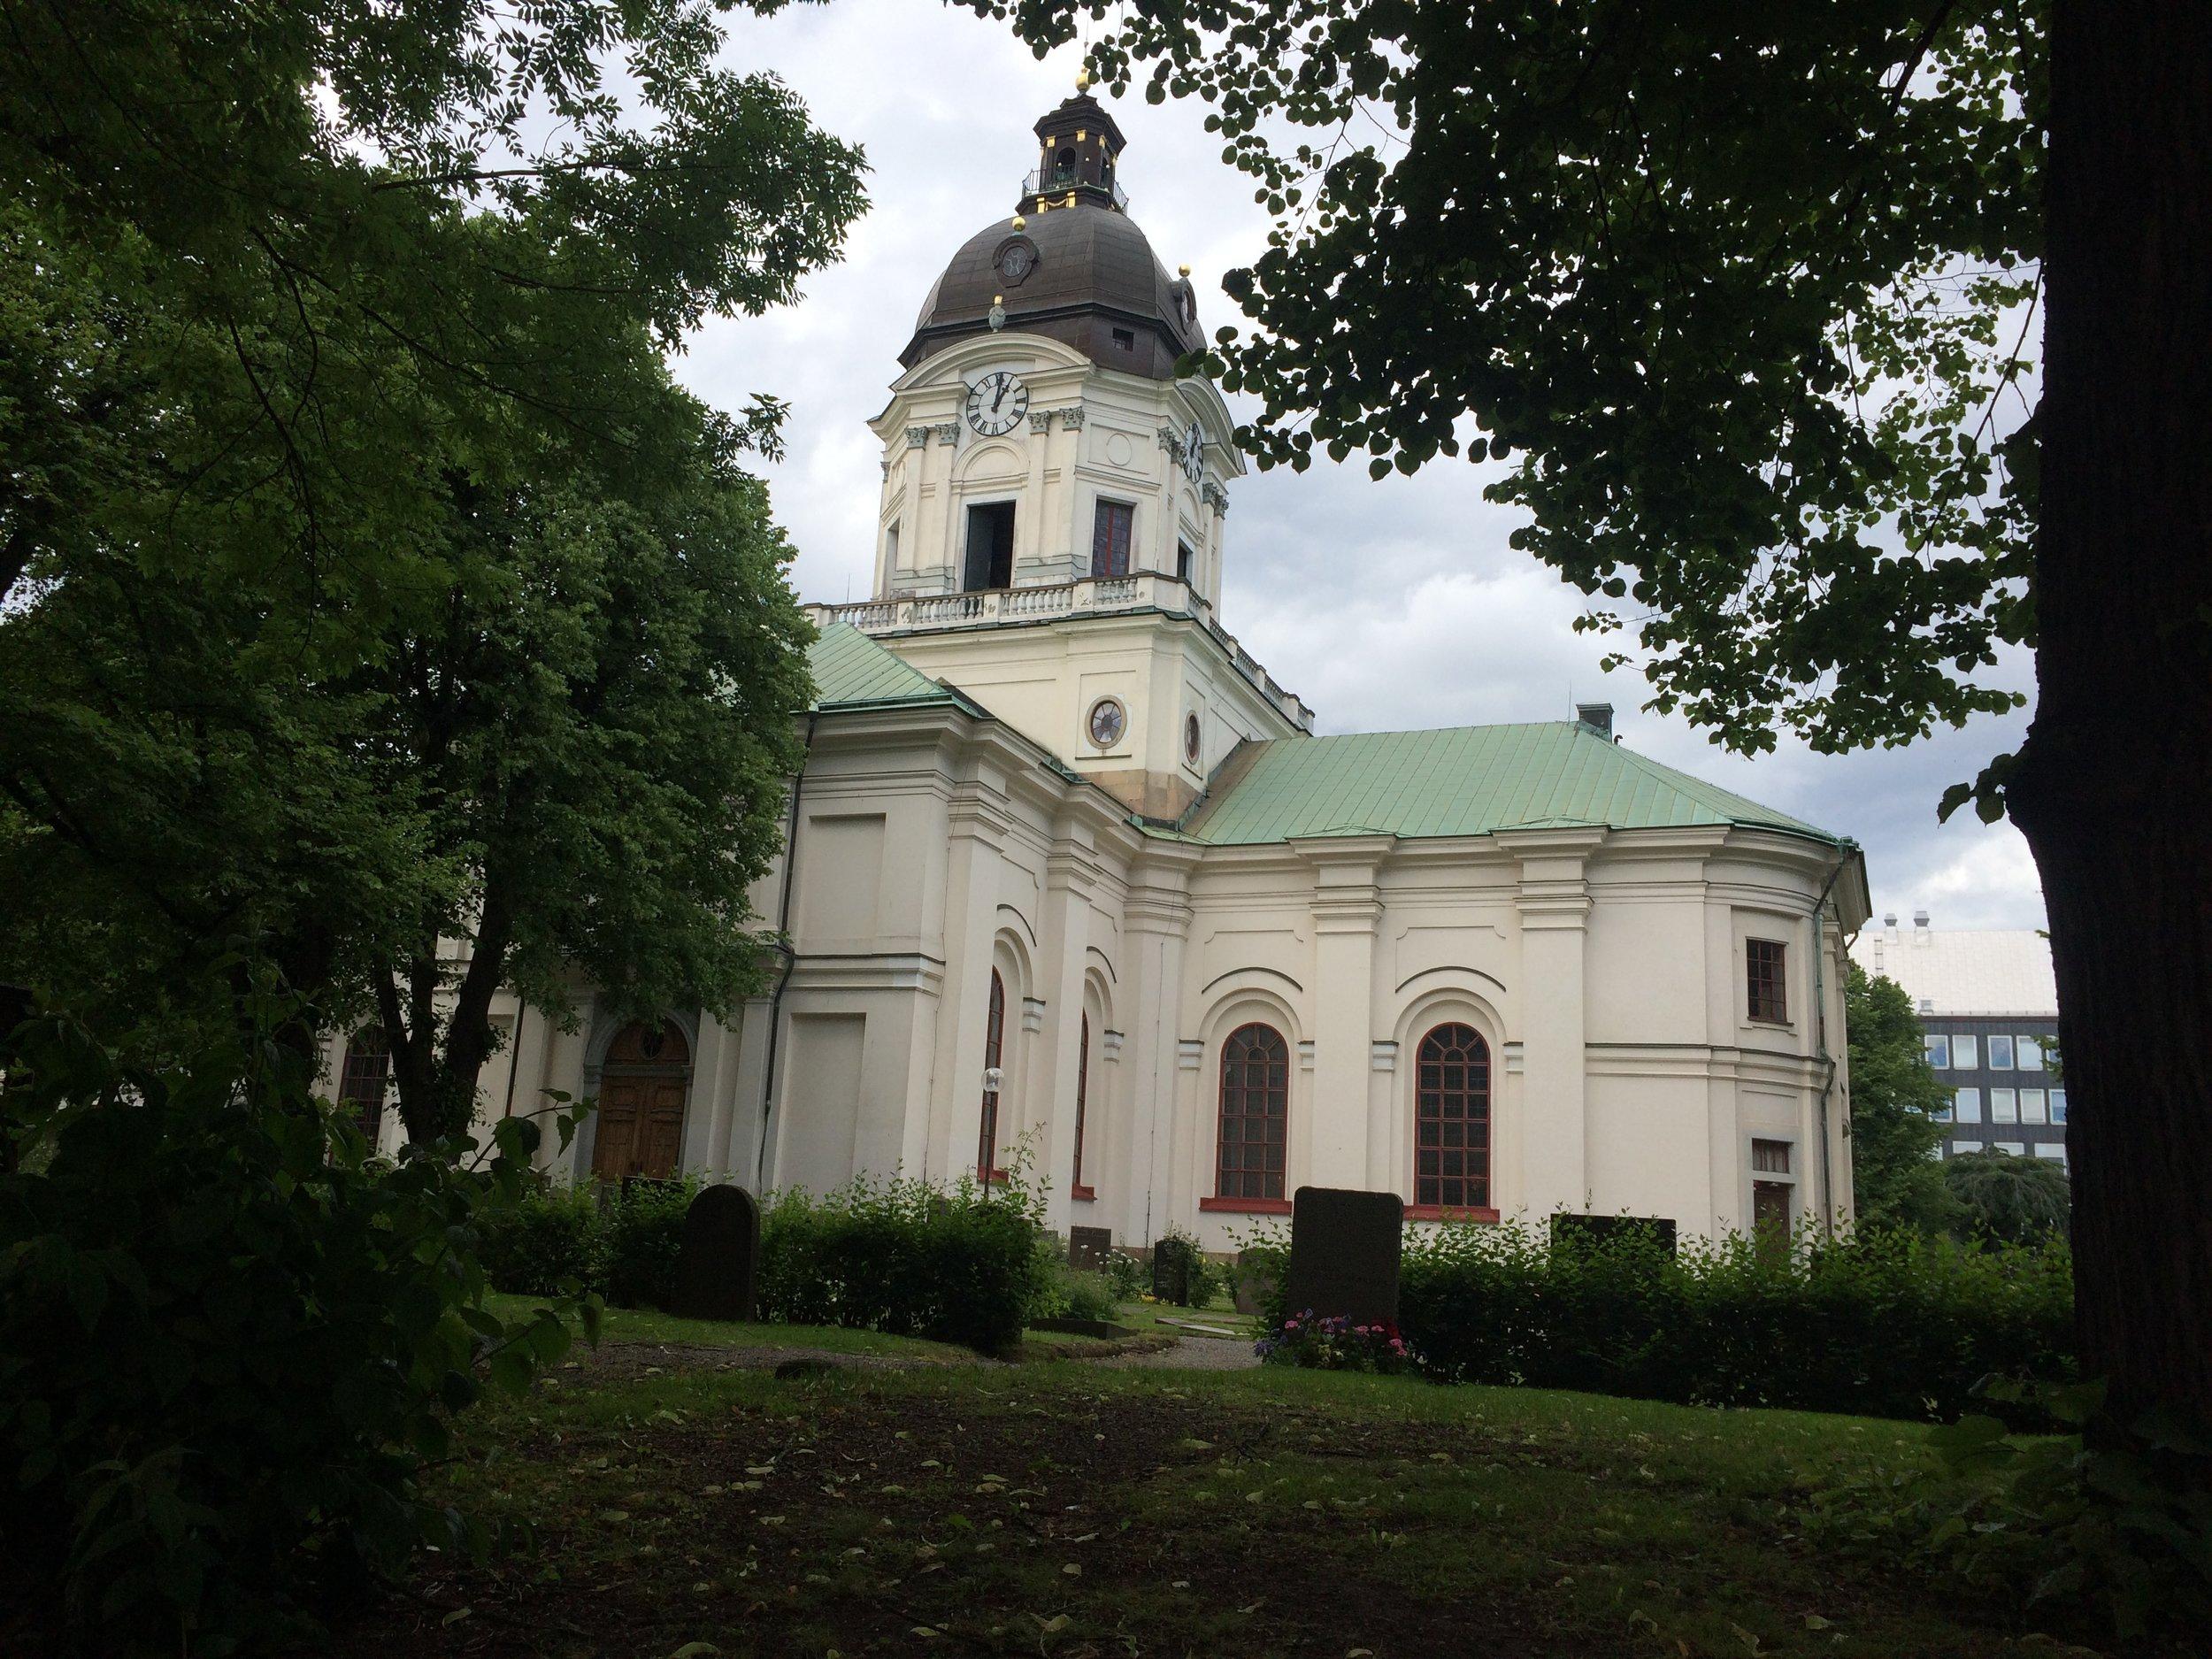 Carl Fredrik Adelcrantz, Adolf Fredriks kyrka (Church of Adolf Fredrik), 1768-1774, Stockholm